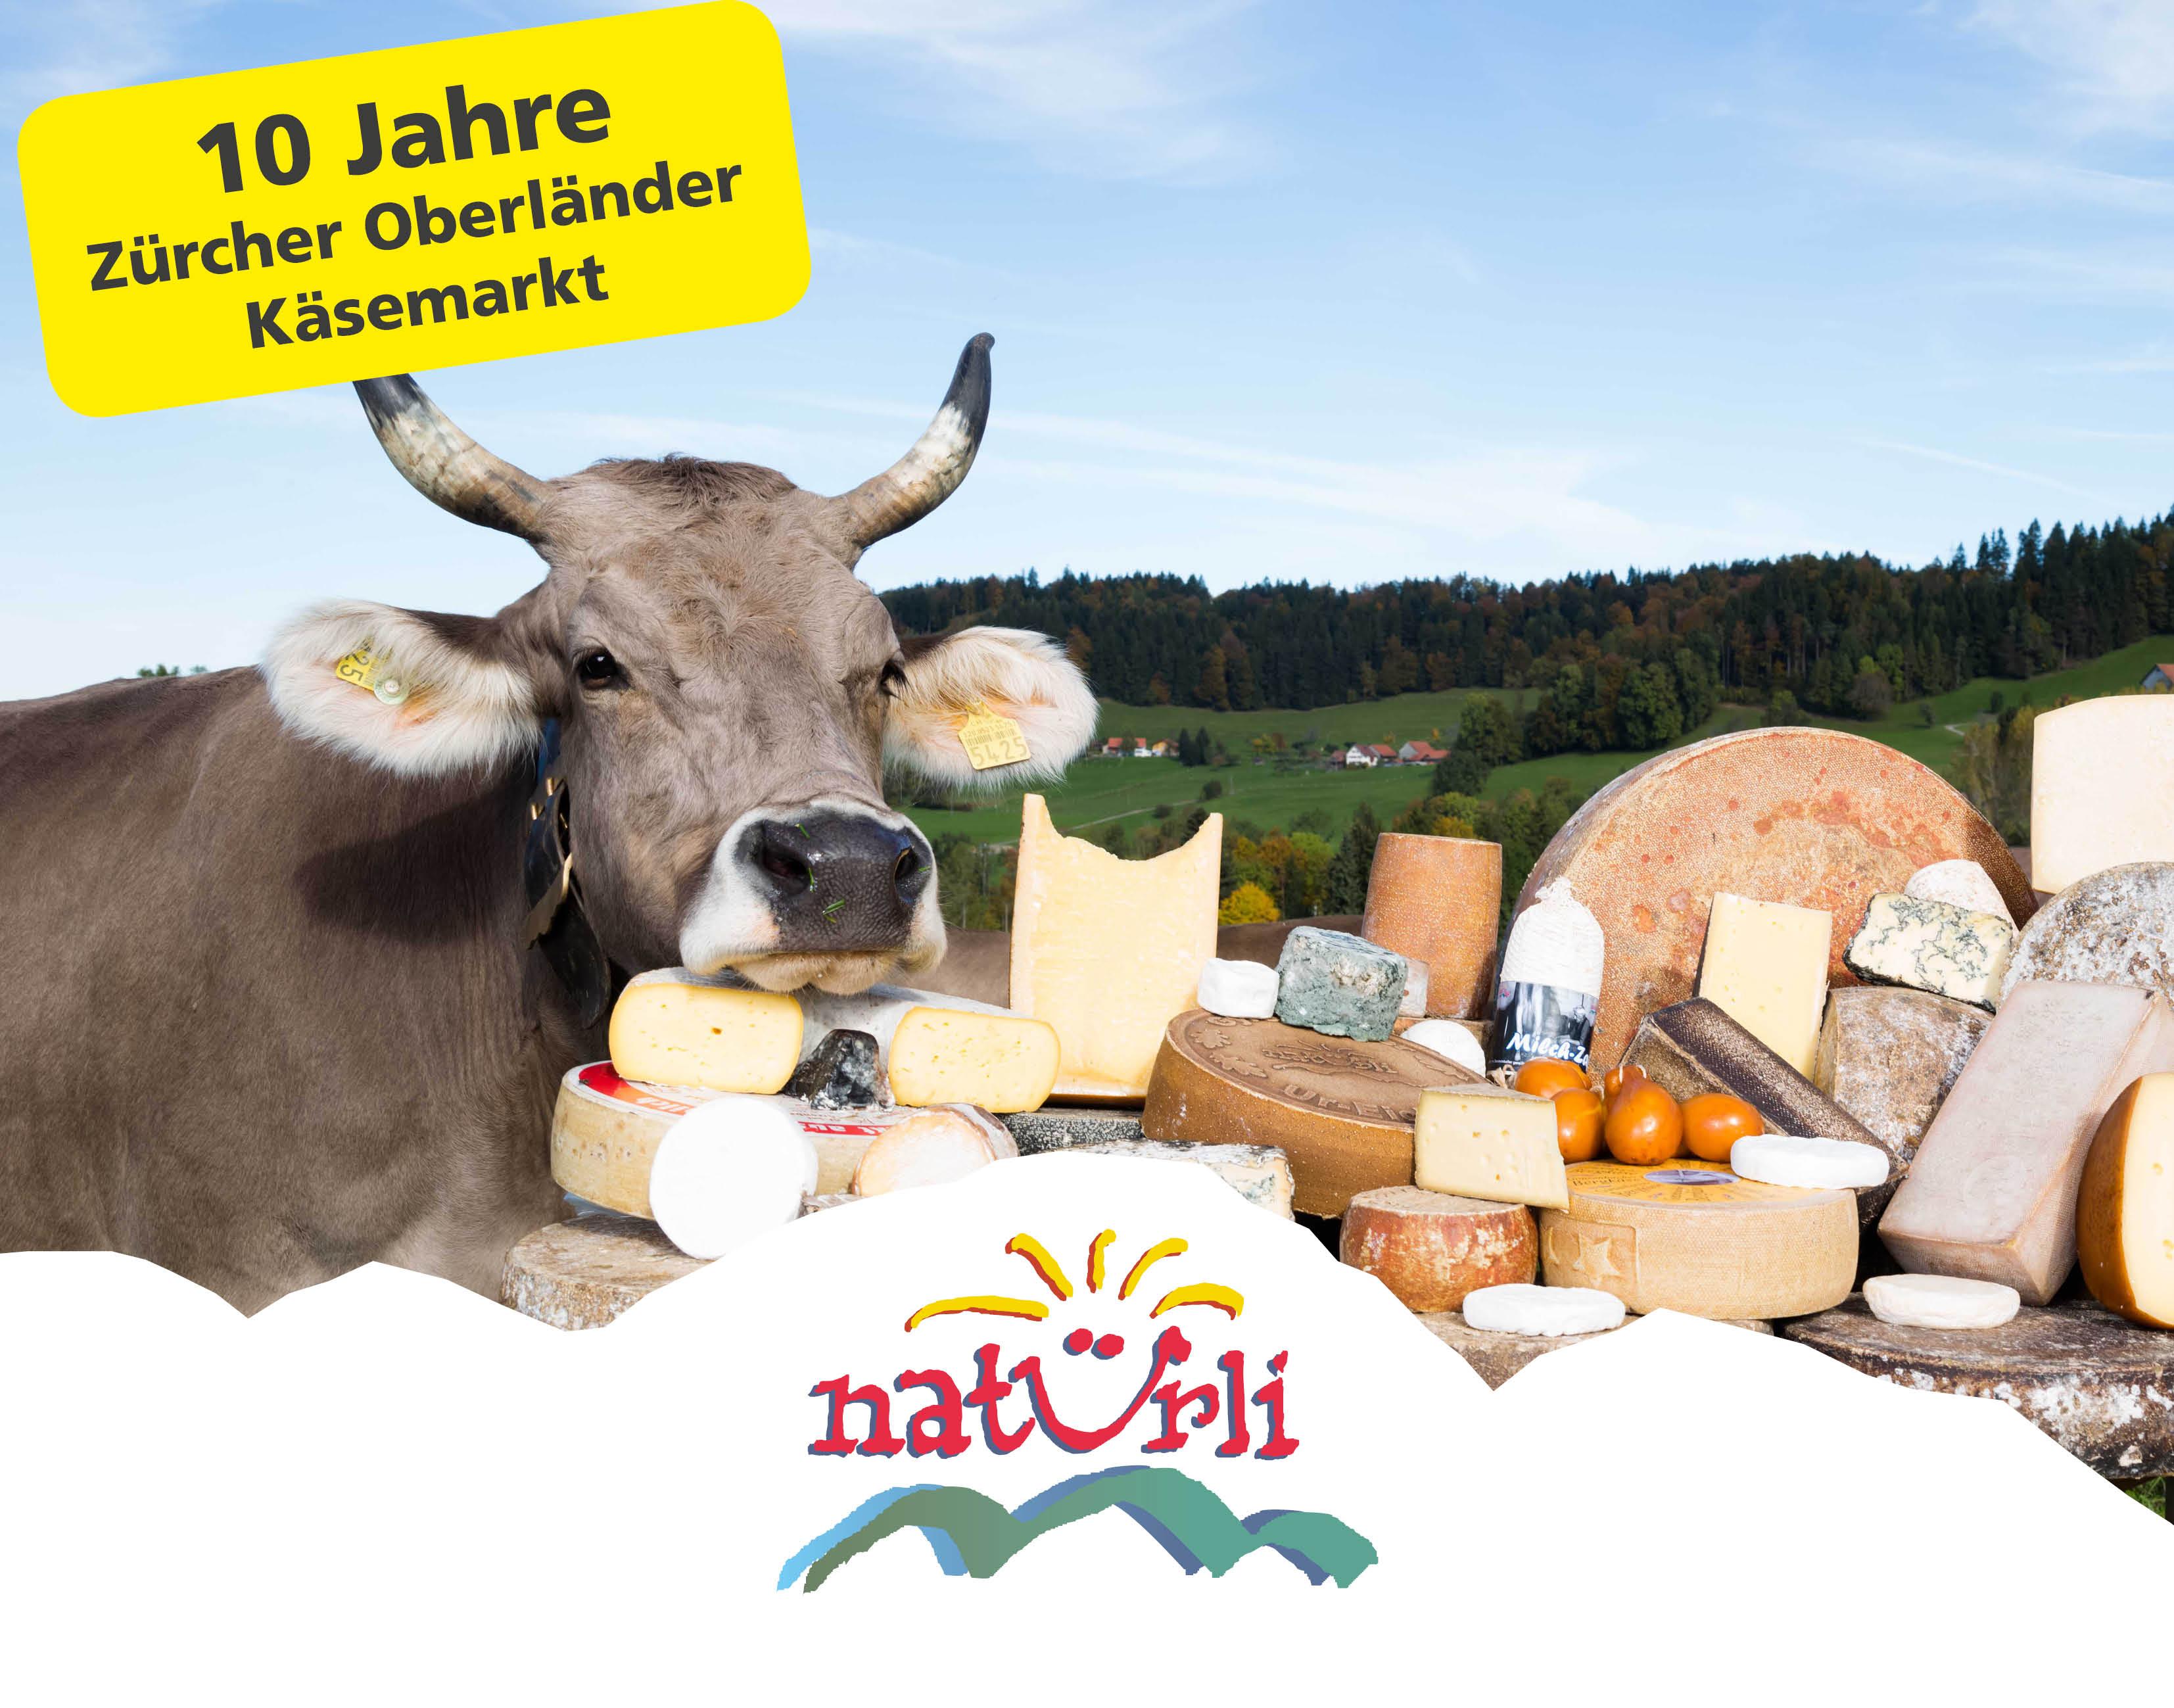 10. Zürcher Oberländer Käsemarkt